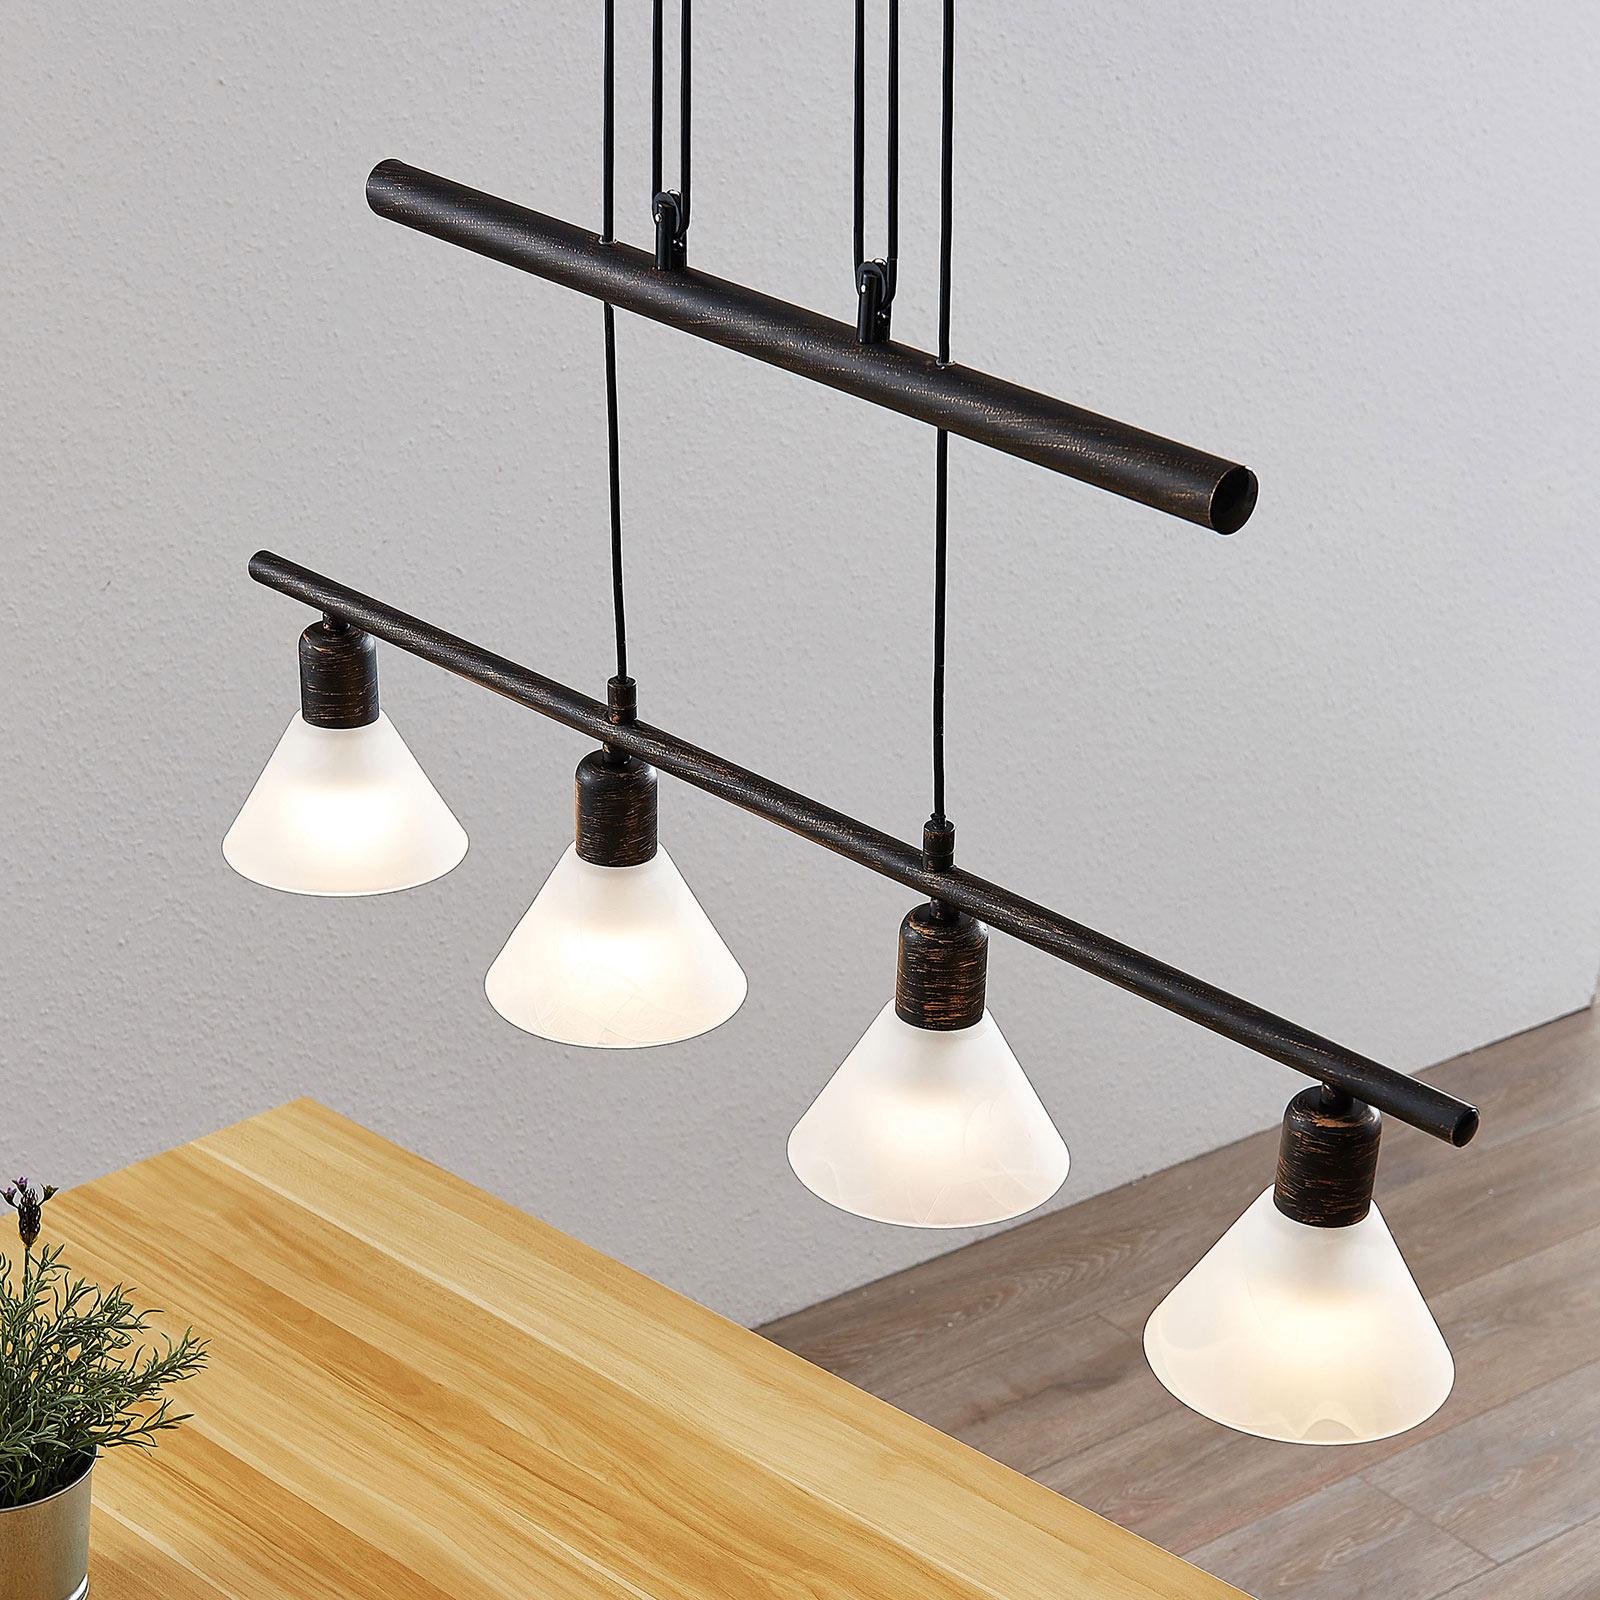 Lámpara colgante Delira 4 luces, negro, regulable